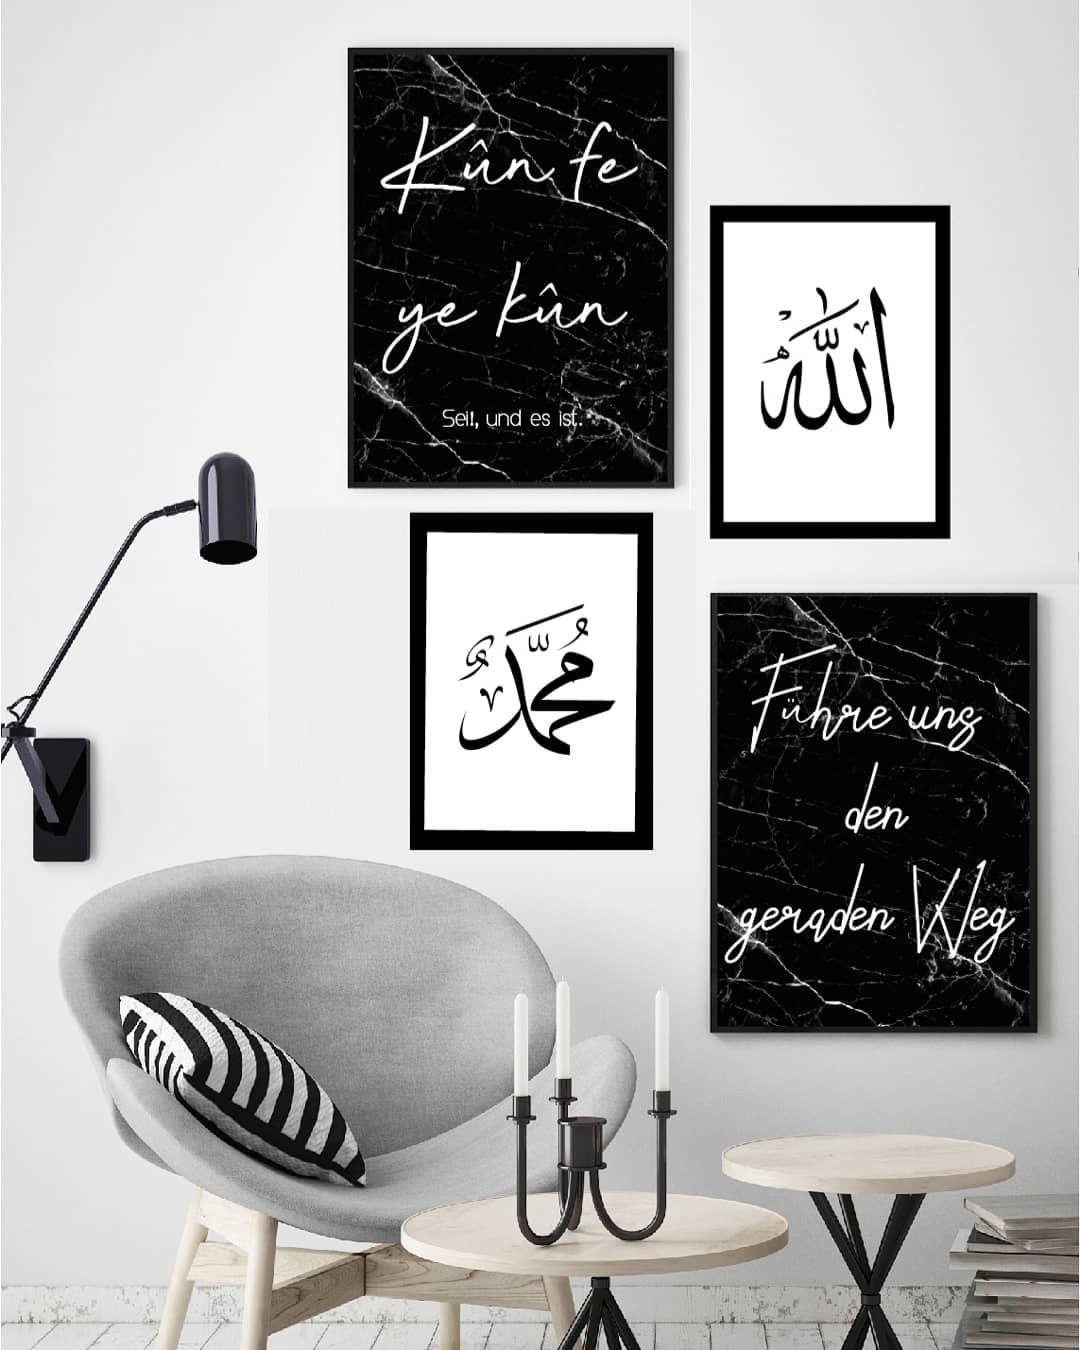 Führe uns den geraden Weg... Set mit oder ohne Bilderrahmen erhältlich. In den Größen A4, A3 und A5. Bei Interesse bitte DM #wanddeko #dekoration #hamburg #köln #allah #rosen #rosa#schönerwohnen #wohnzimmer #islamicprints #posterdesign #poster #scandinaviandesign #inneneinrichtung #art #artprint #geschenk #giftideas #wallart #graphicdesign #w #wanddekowohnzimmer